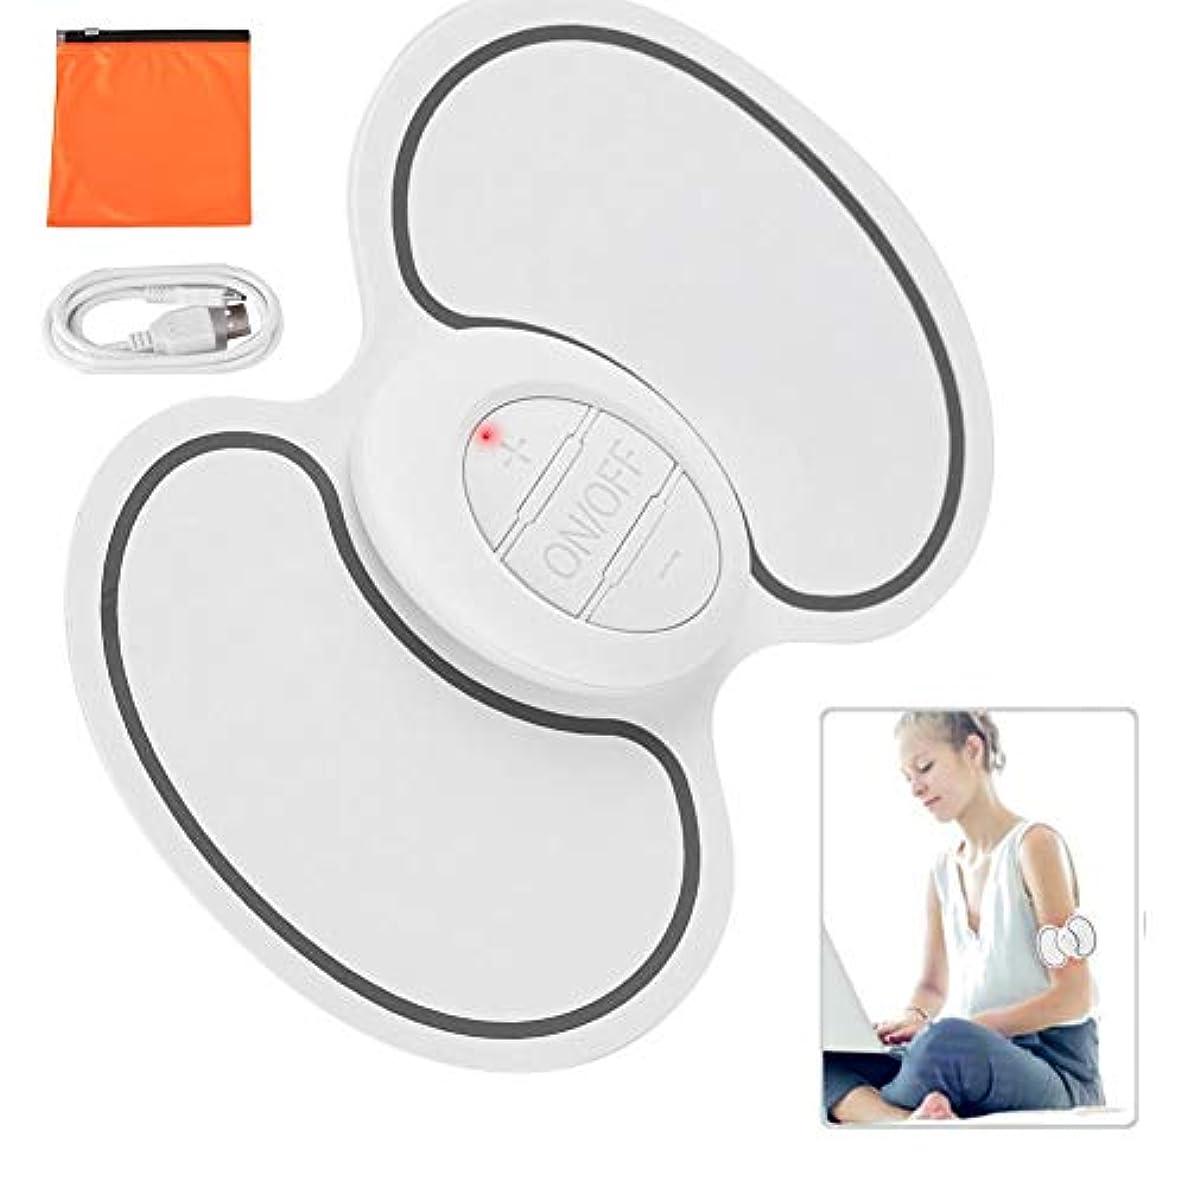 しつけ浸した染色首、背中、肩、自宅での使用、車、オフィスの強度痛み疲労のための熱ディープニーディングマッサージ付きEMCネック肩筋パルスマッサージパッド